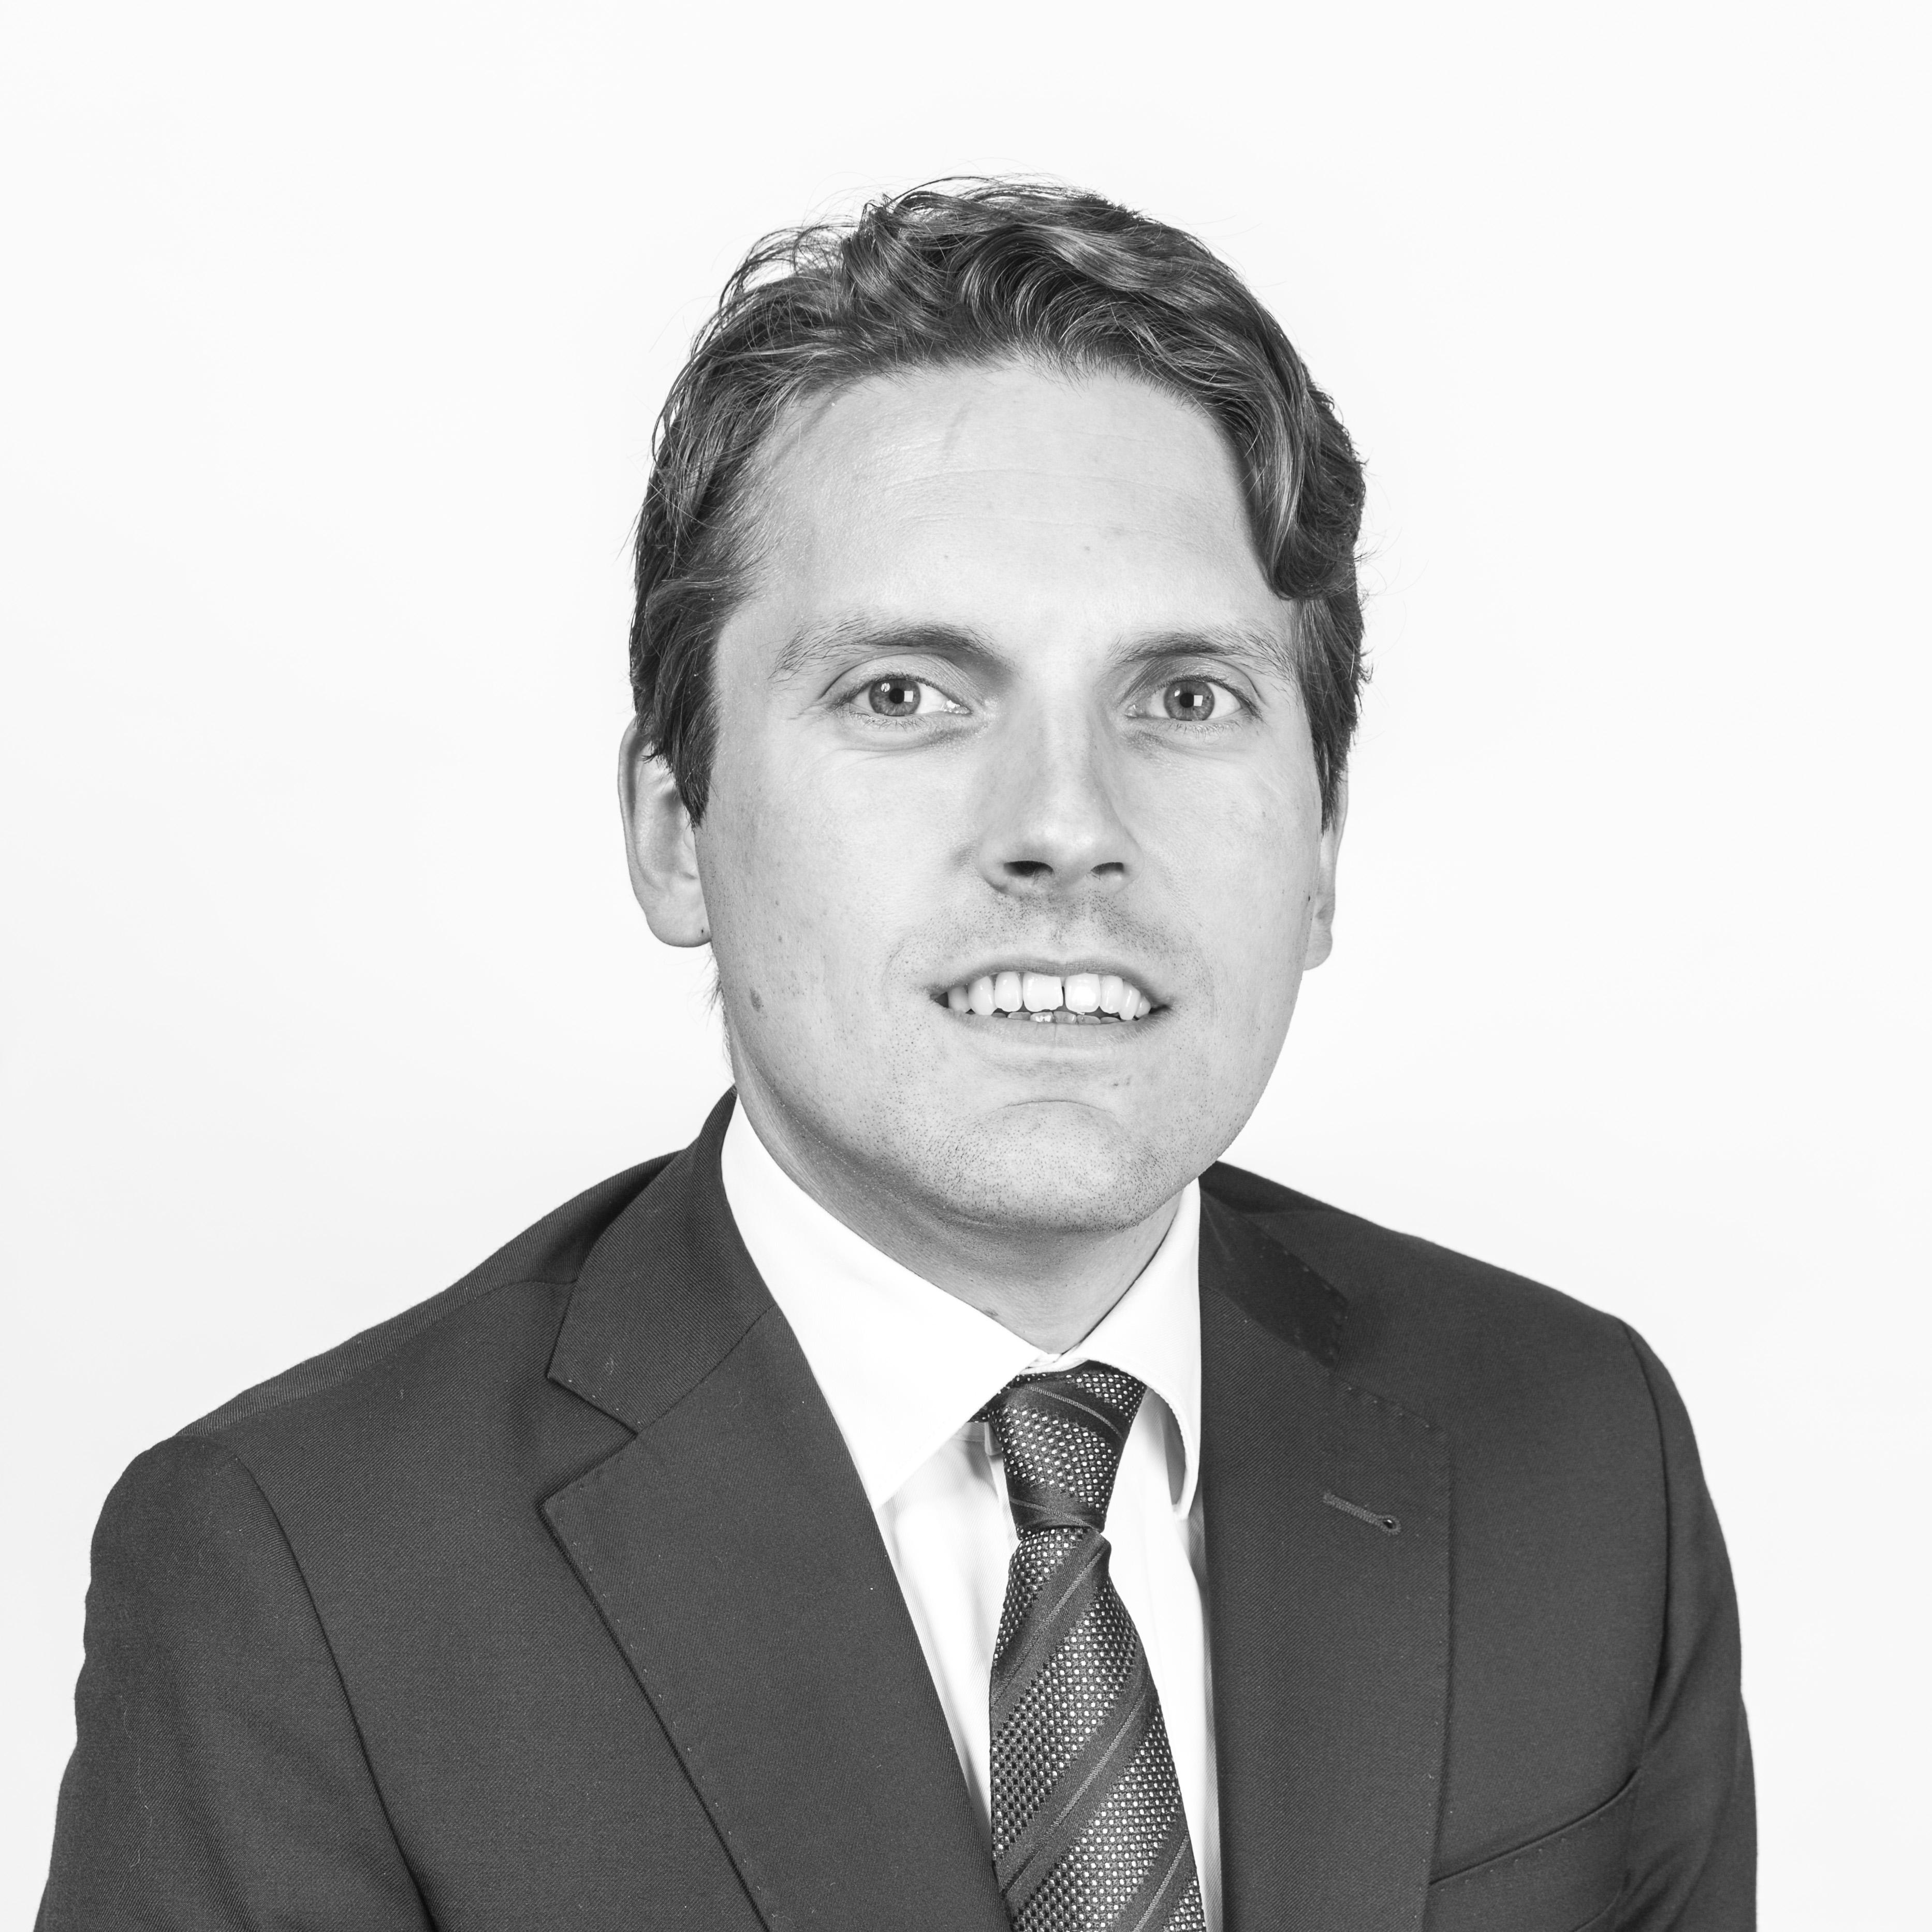 Jesse van Schouwenburg